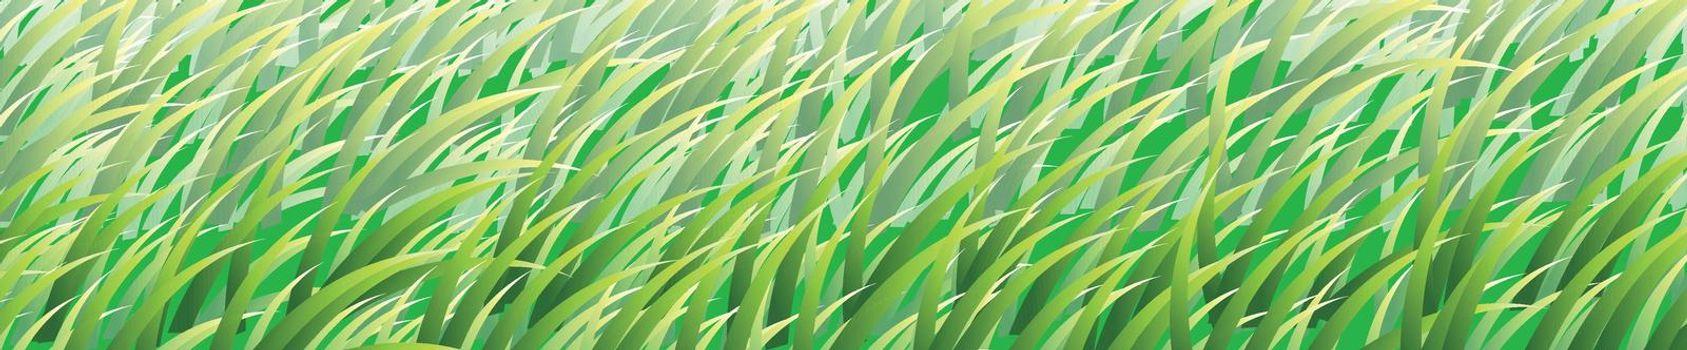 Illustraiton of grass texture background